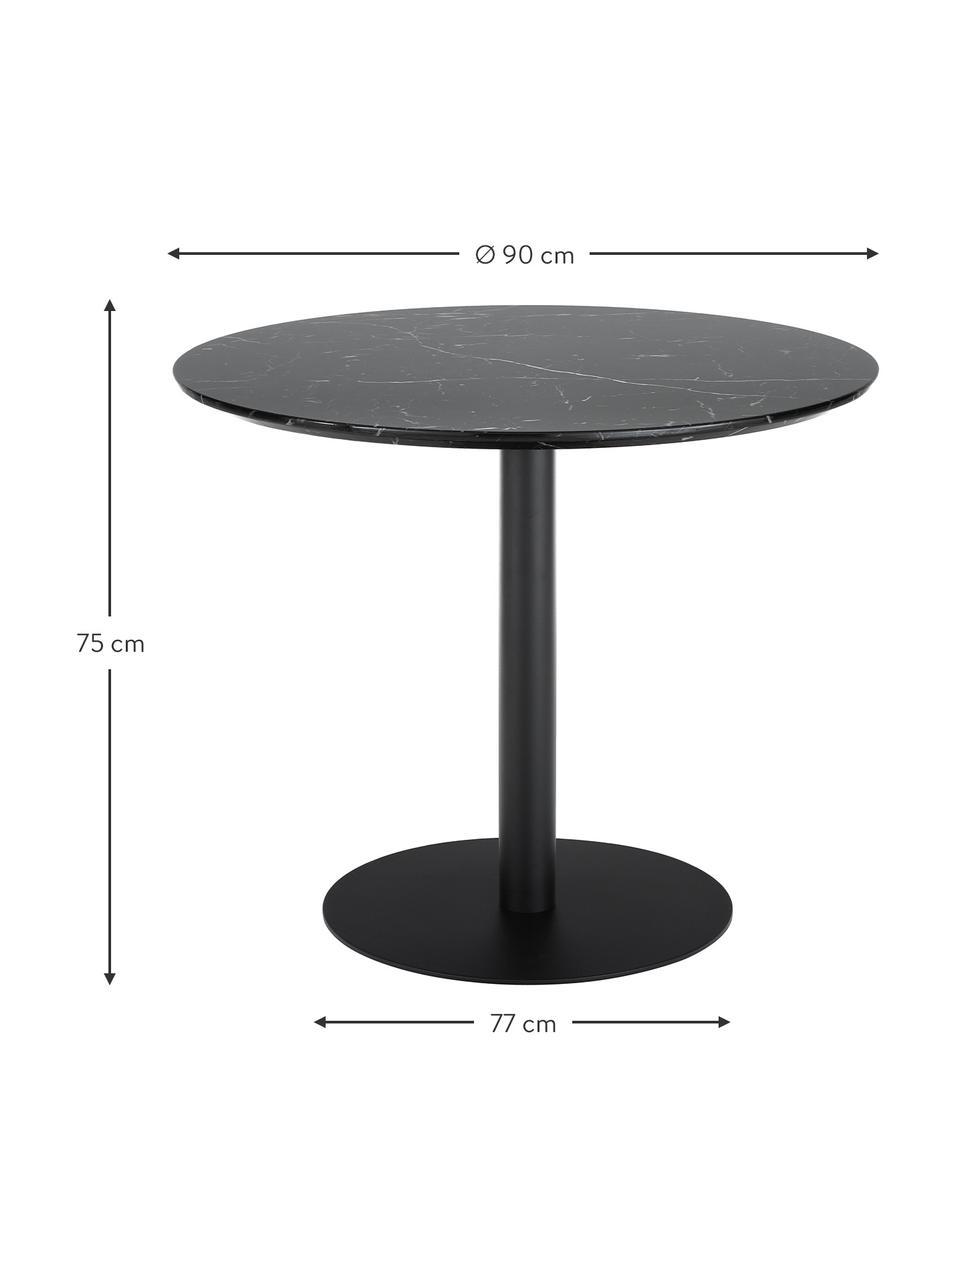 Okrągły stół do jadalni z imitacji marmuru Karla, Blat: płyta pilśniowa średniej , Blat: czarny, marmurowy Noga stołu: czarny, matowy, Ø 90 x W 75 cm